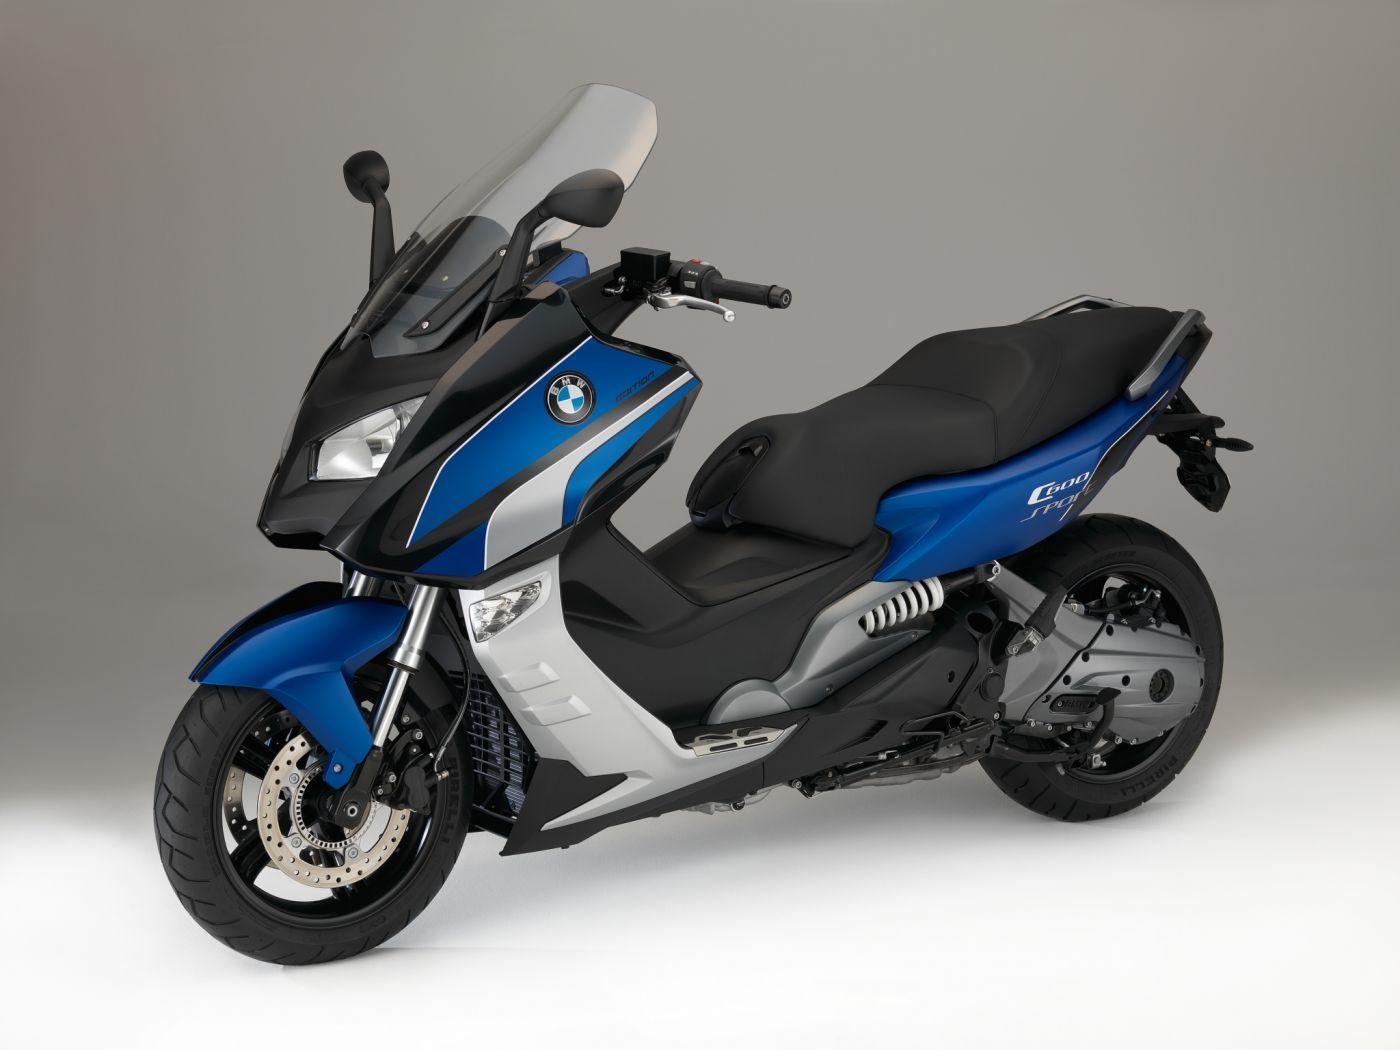 Nouveaut s scooter 2016 moto scooter motos d 39 occasion for Garage bmw moto aix en provence